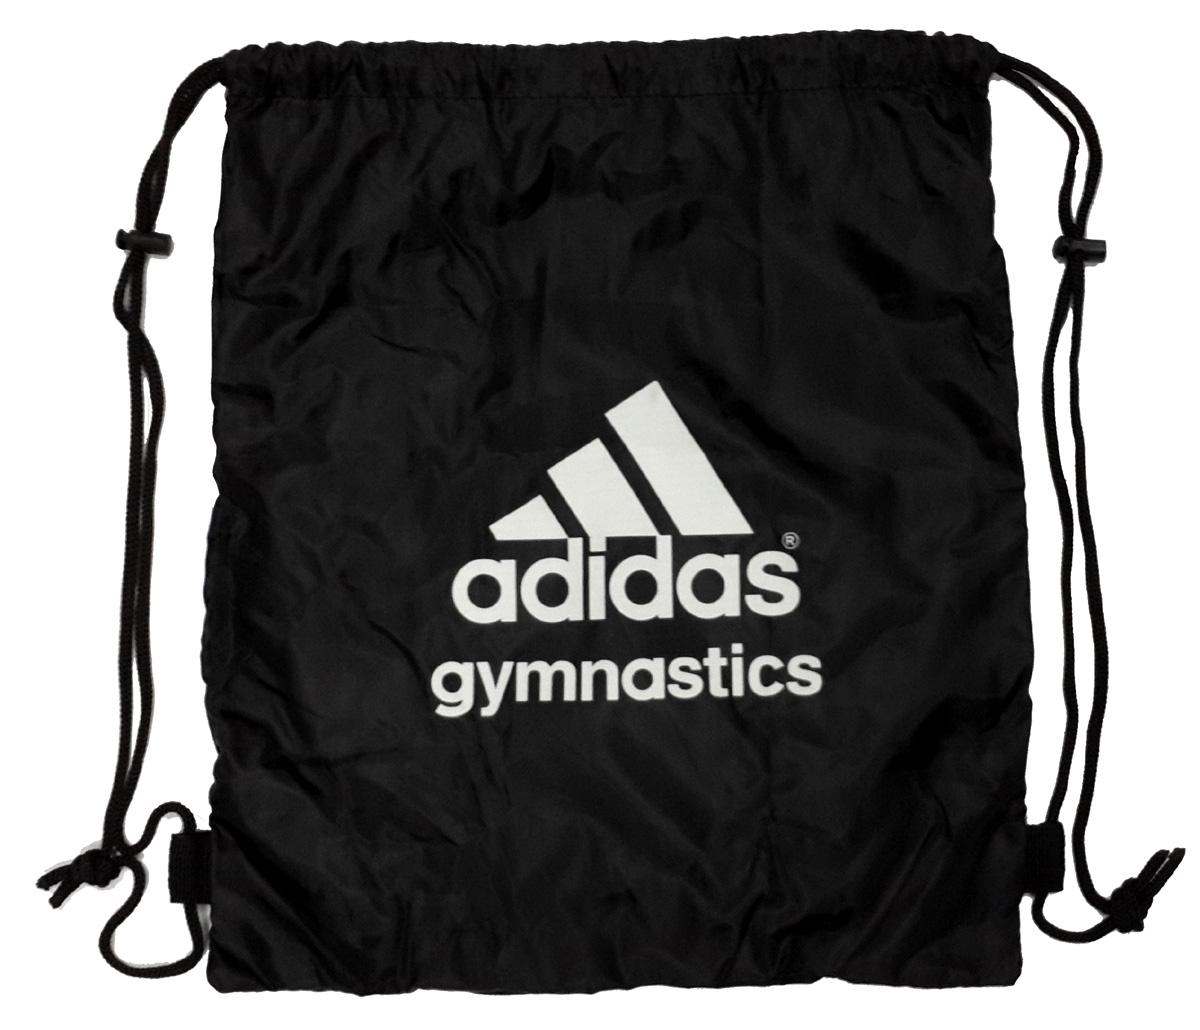 Adidas Gymnastics Gear Bag Gym Sports Tote Drawstring Pack Nylon Sling  Black + White 811b867f2a771